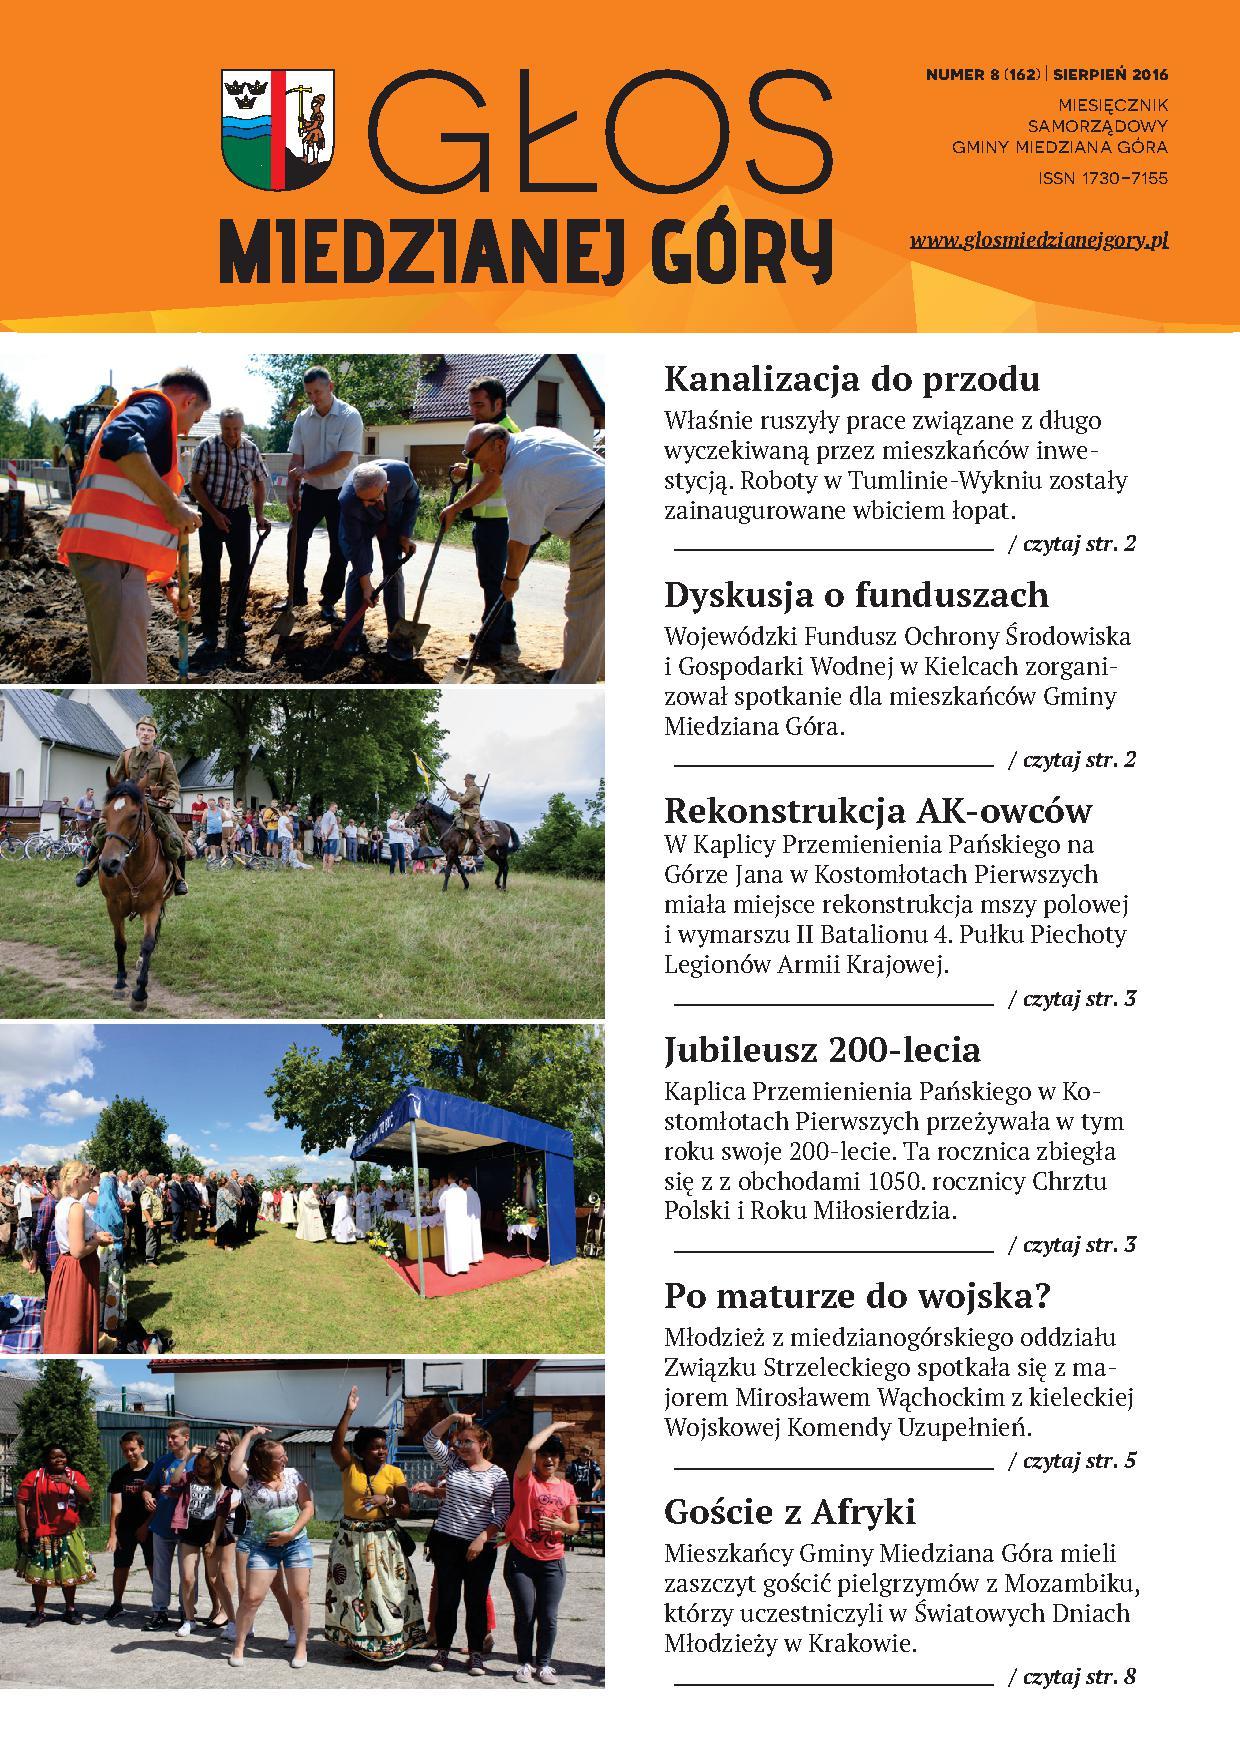 - glos_miedzianej_gory_16_08_f-2.jpg